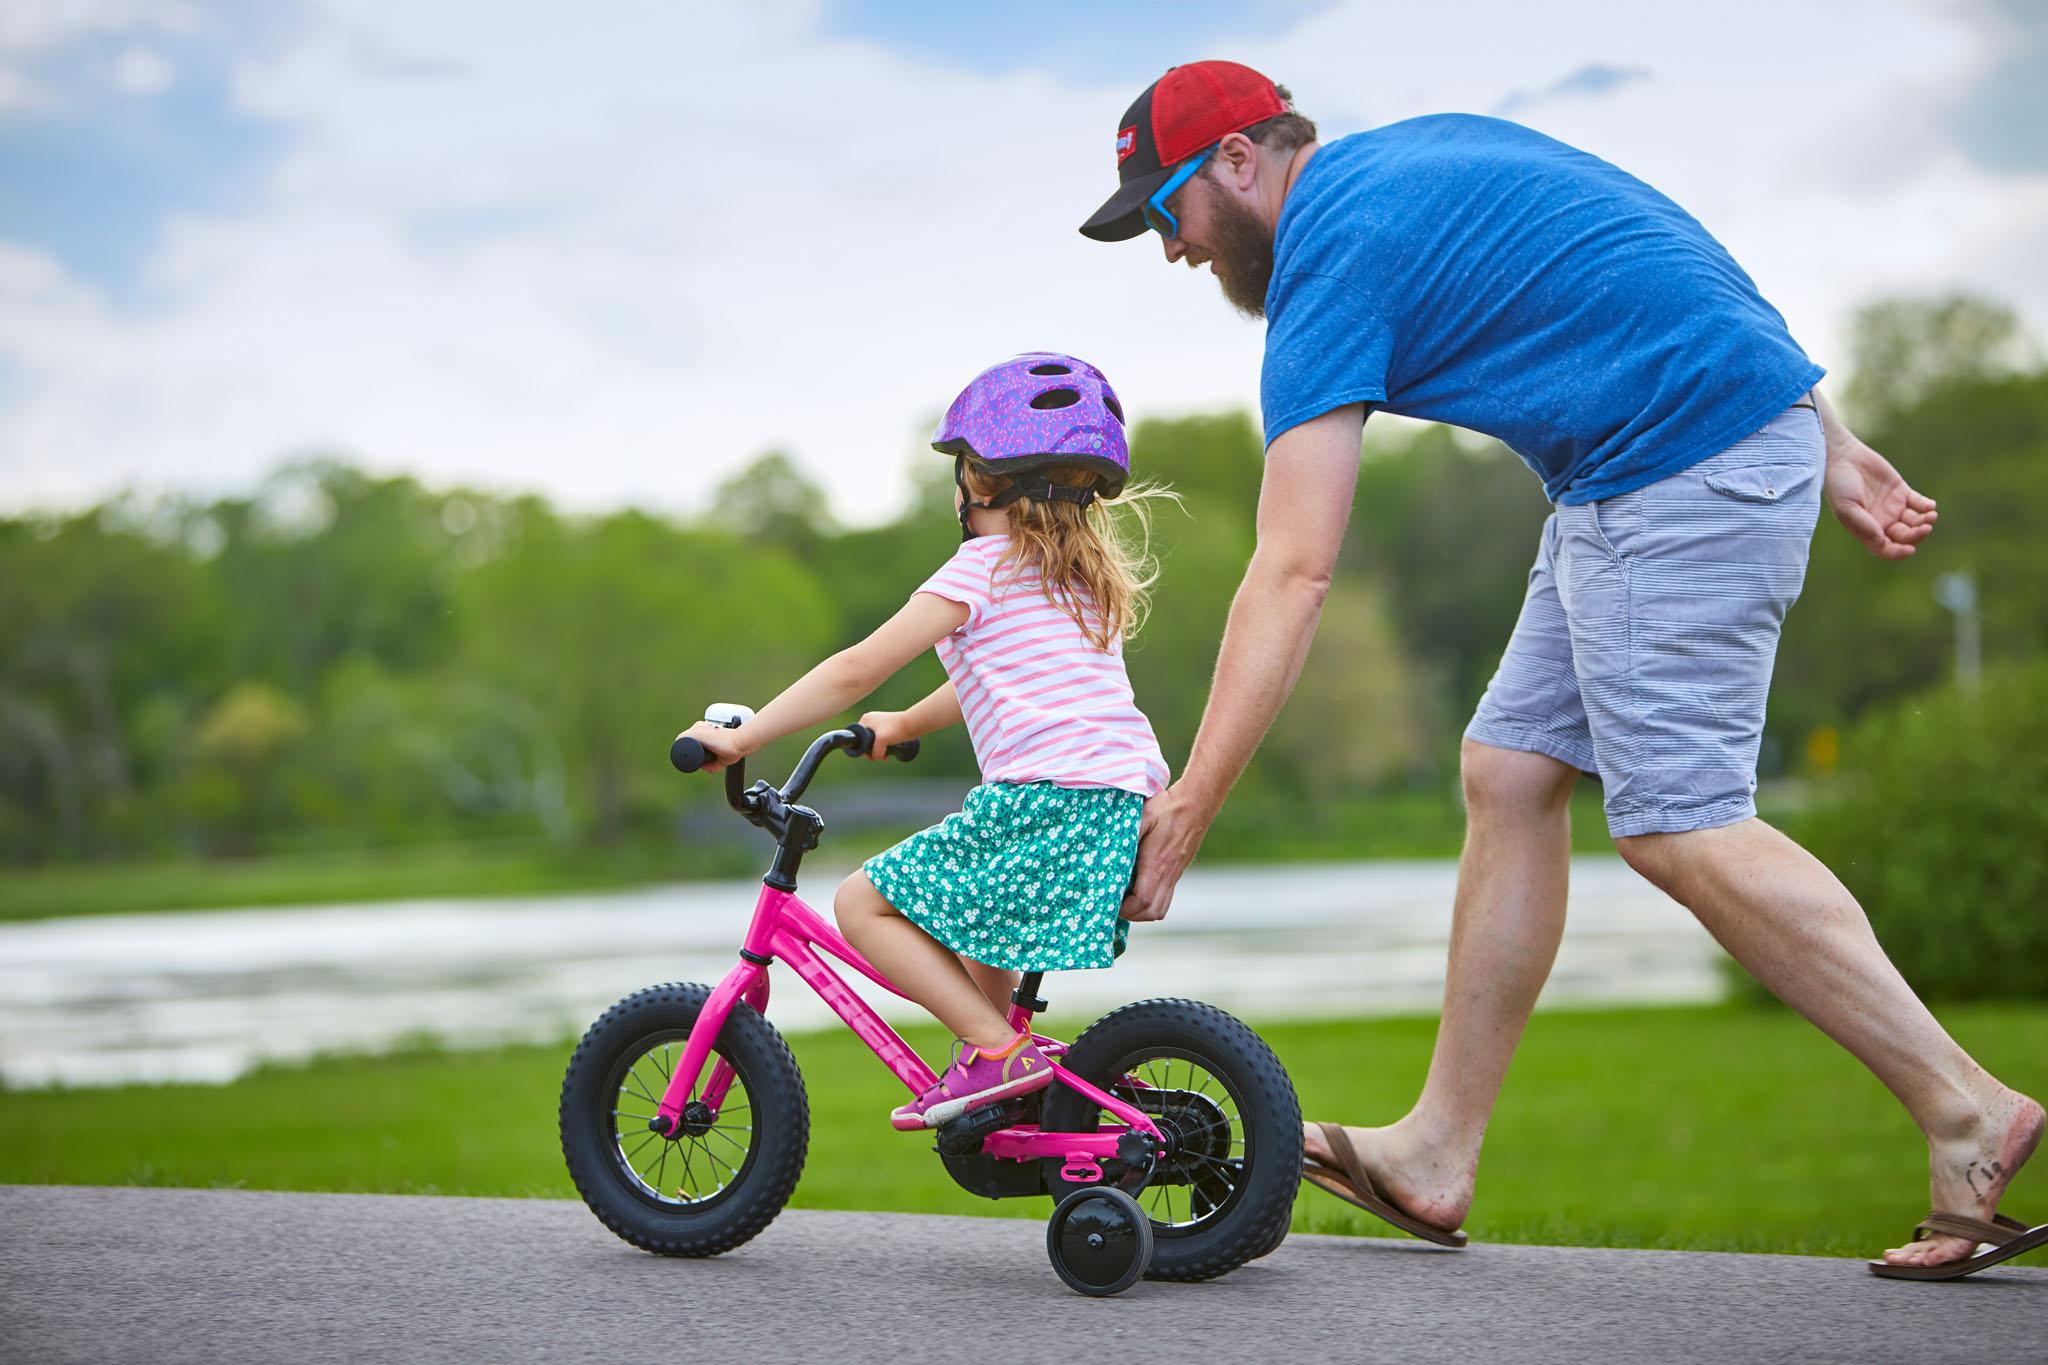 Tēvs stumj meitu uz viņas jaunā Trek Precaliber velosipēda